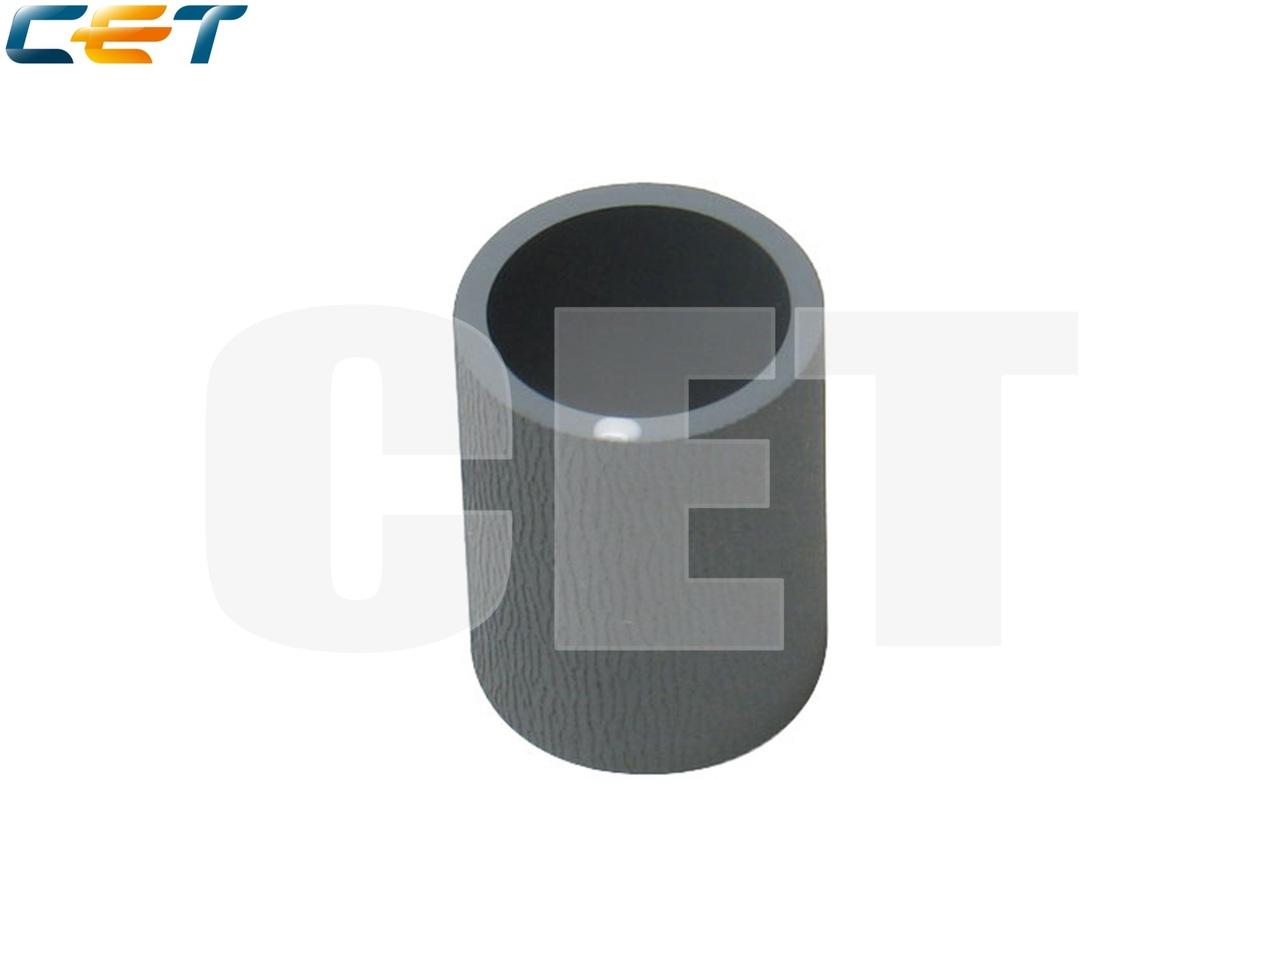 Резинка ролика отделения 41304047100 для TOSHIBA E-Studio205L/255/305/355/455 (CET), CET7778